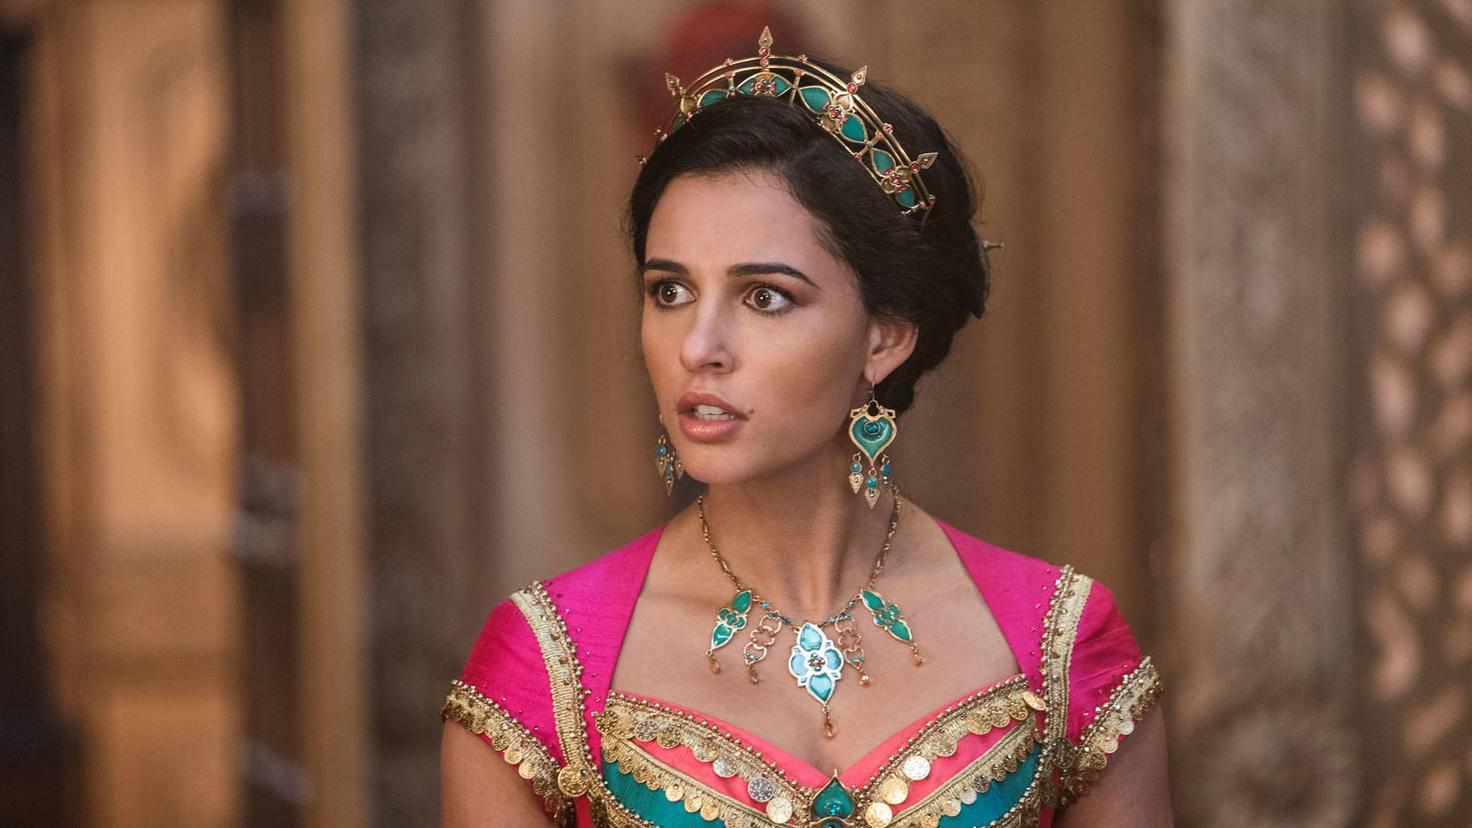 Prinzessin Jasmin ist nicht nur hübsch, sondern hat auch was im Köpfchen.